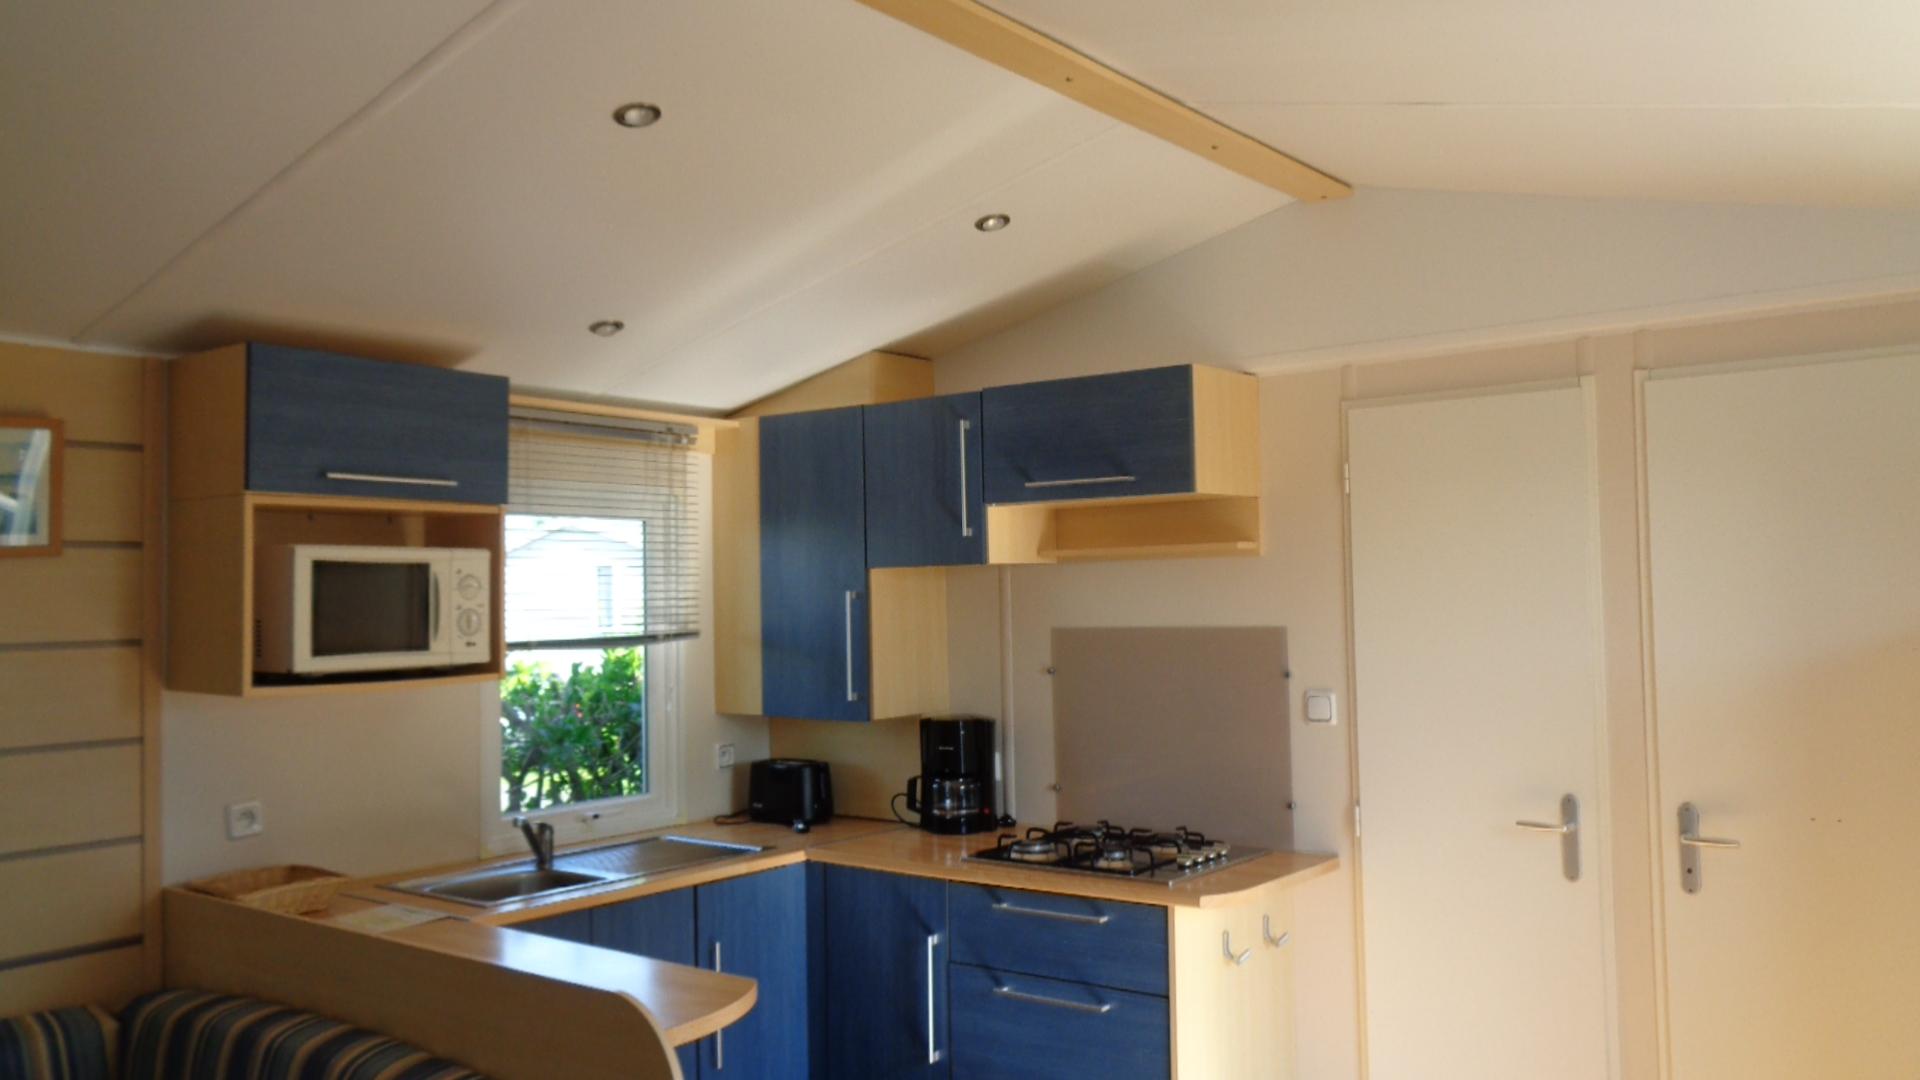 cuisine - Mobil-home 2 chambres climatisé a La Rochelle